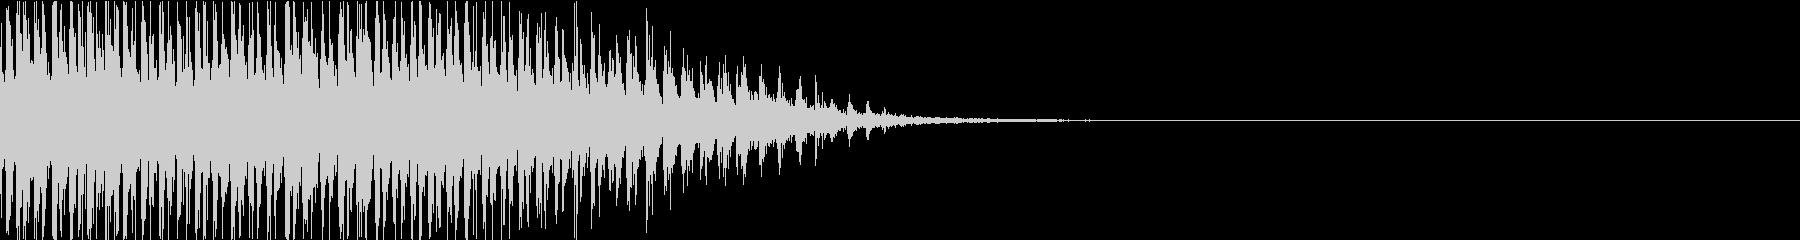 カッー!!80年代コント等で使われる音の未再生の波形